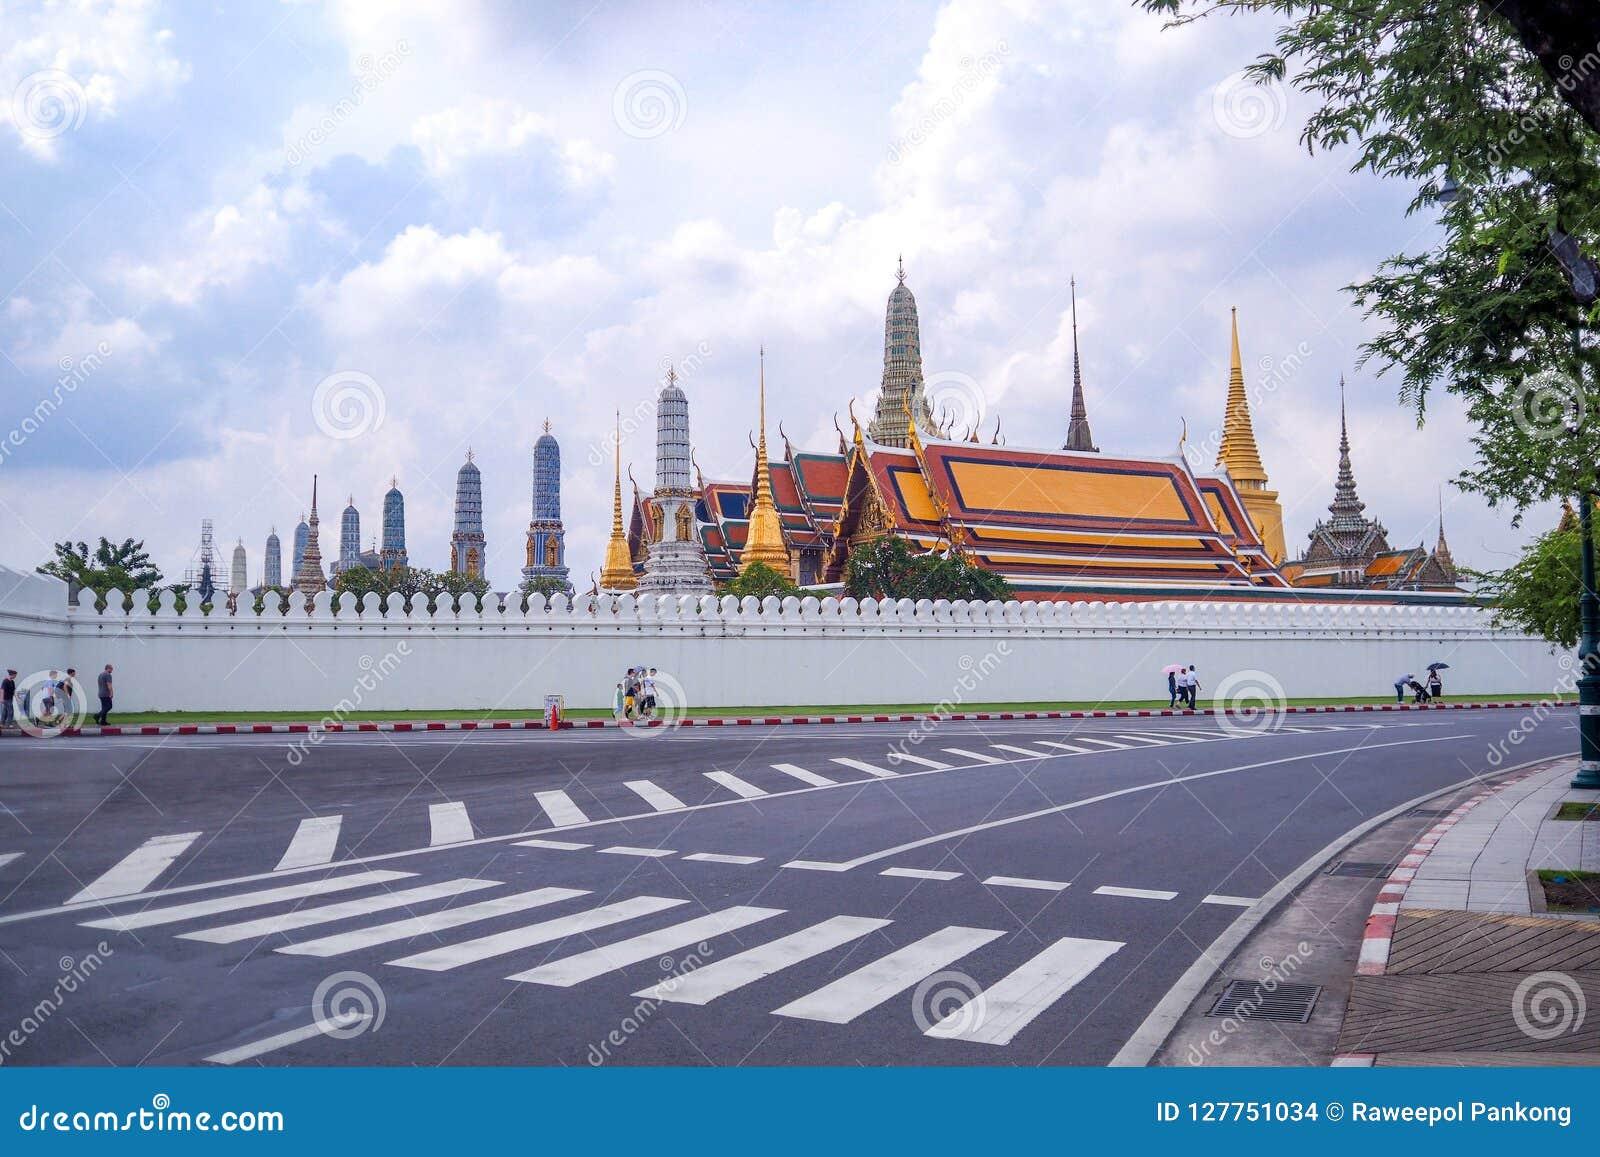 Trafiktecknet på vägen har bakgrund Wat Phra Kaew